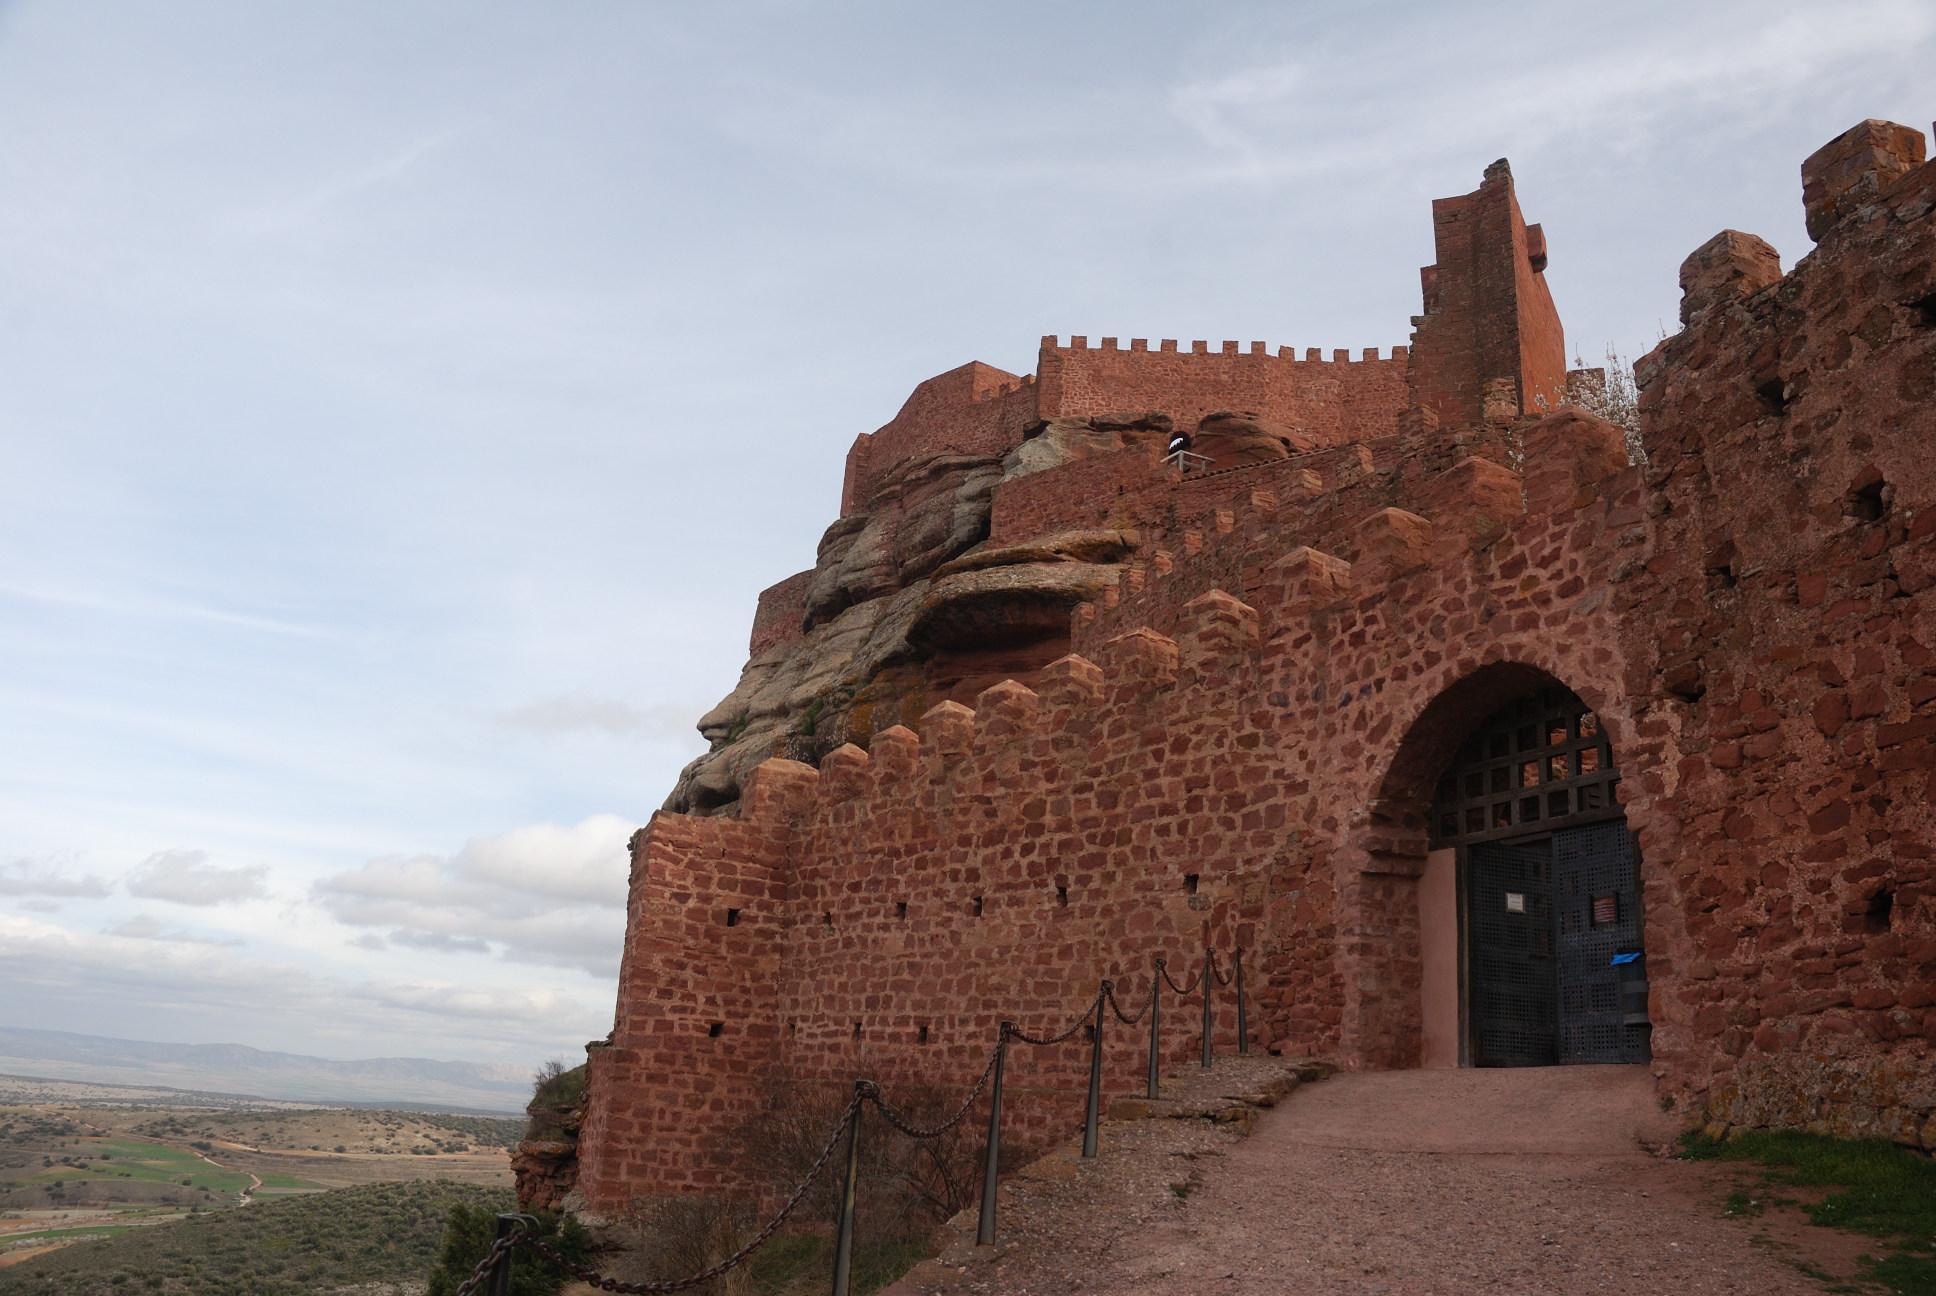 El castillo de Peracense: Puerta de acceso